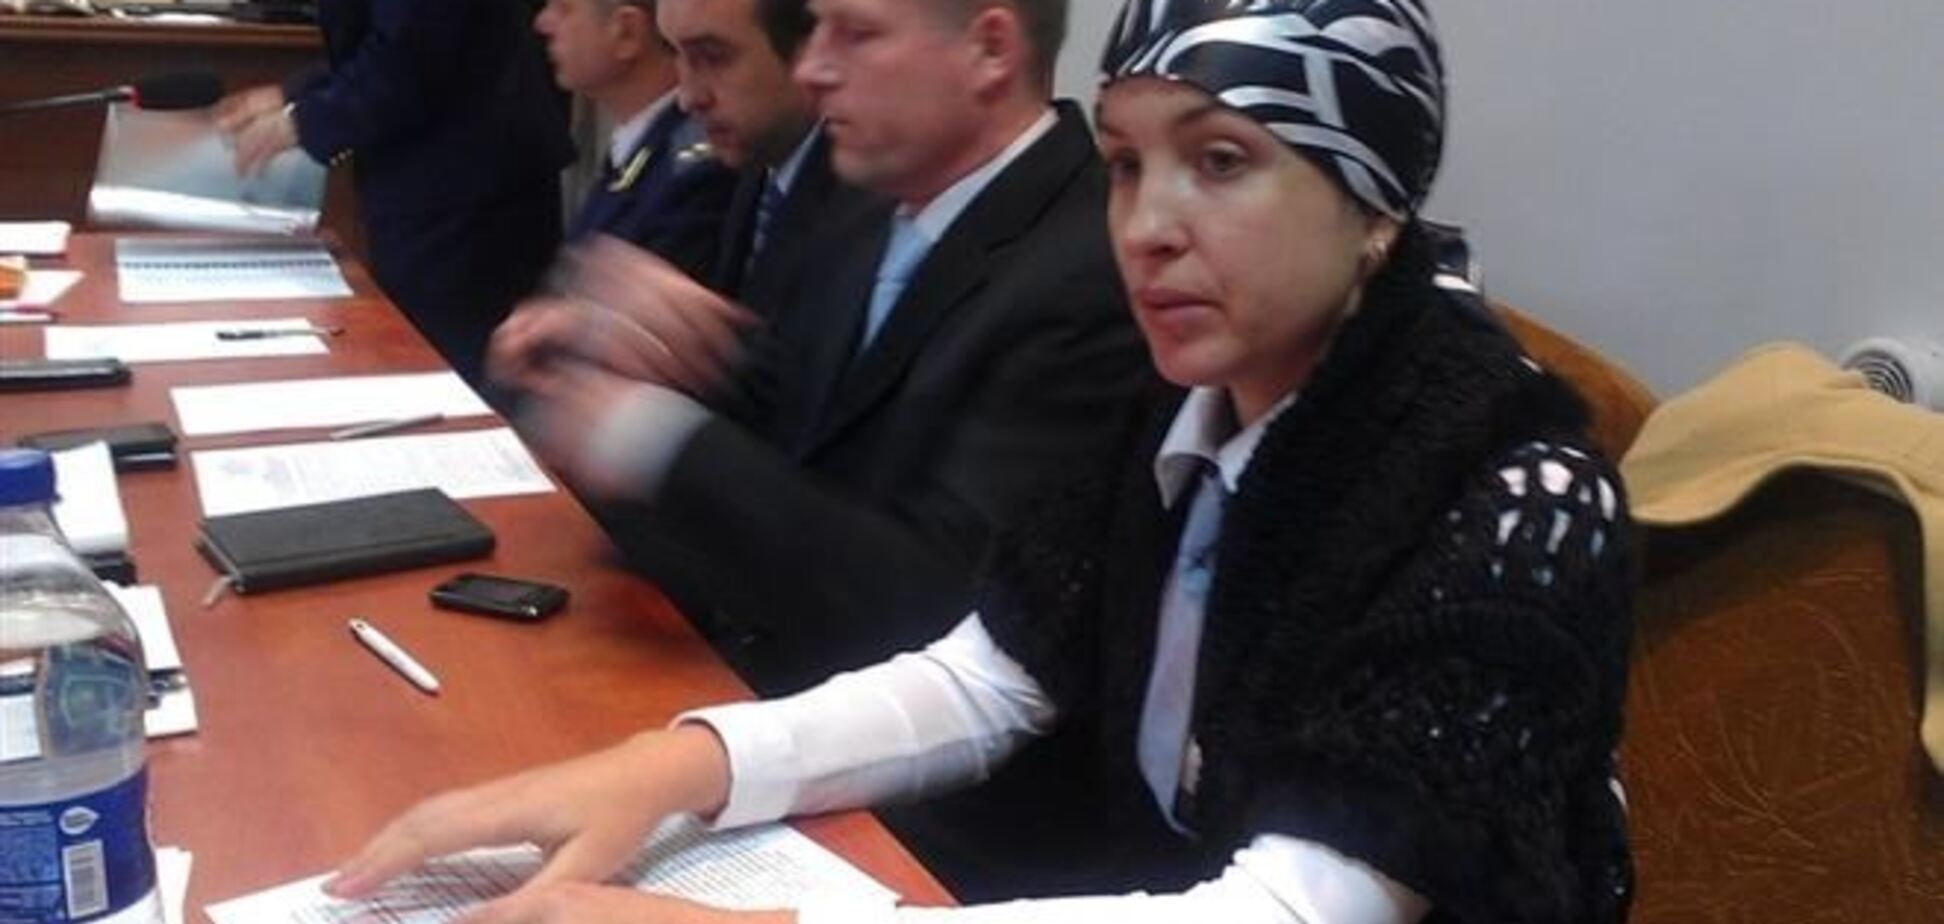 Сослуживец Дрижака: Крашкова сначала обвинила в изнасиловании меня